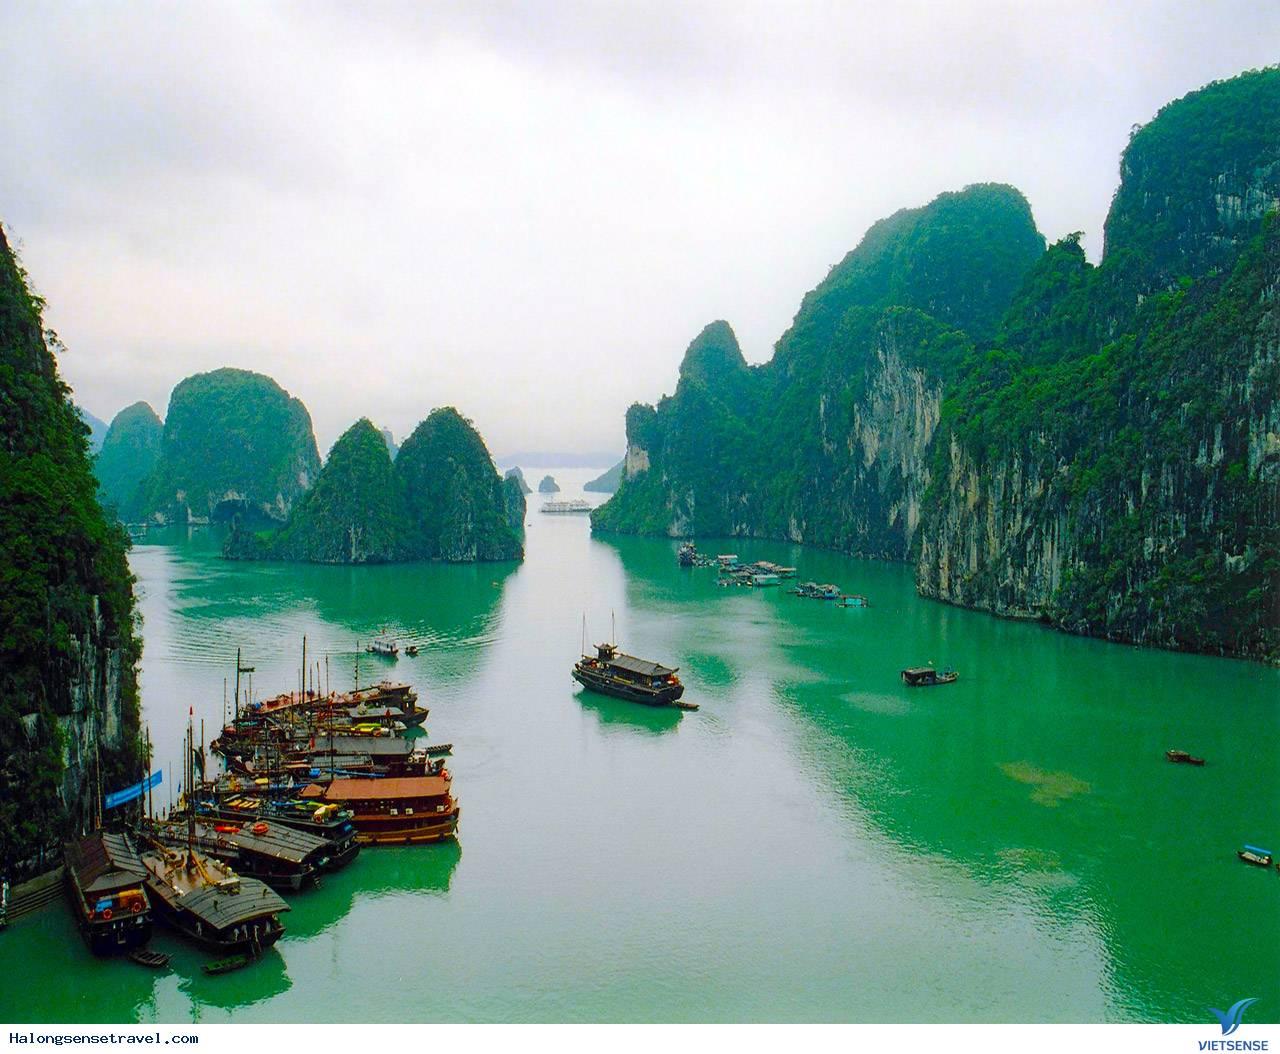 Tour Du Lịch Hà Nội Hạ Long Hà Nội 4 Ngày 3 Đêm